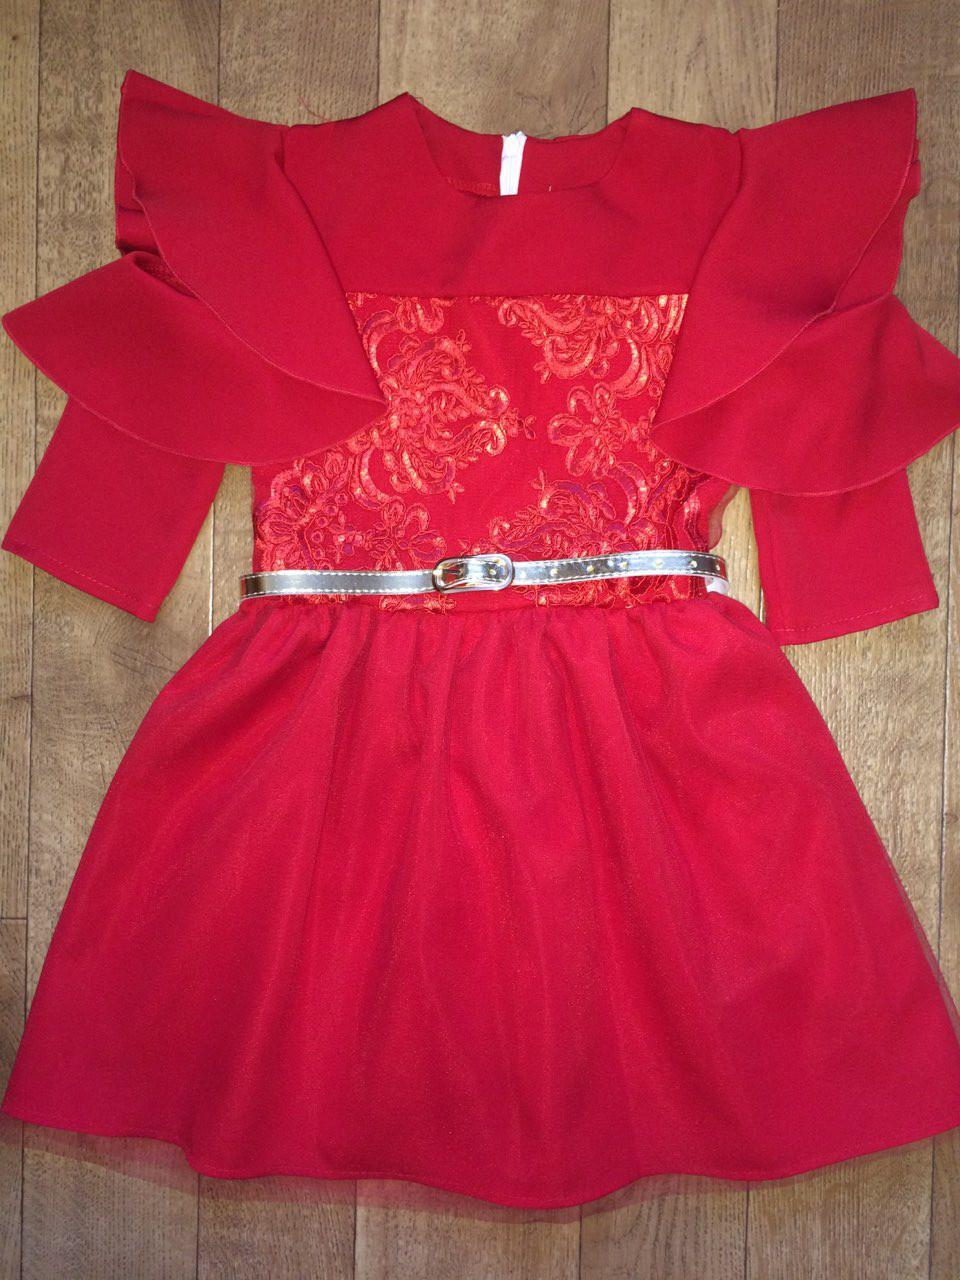 Детские платья от производителя оптом - Оптово-розничный магазин